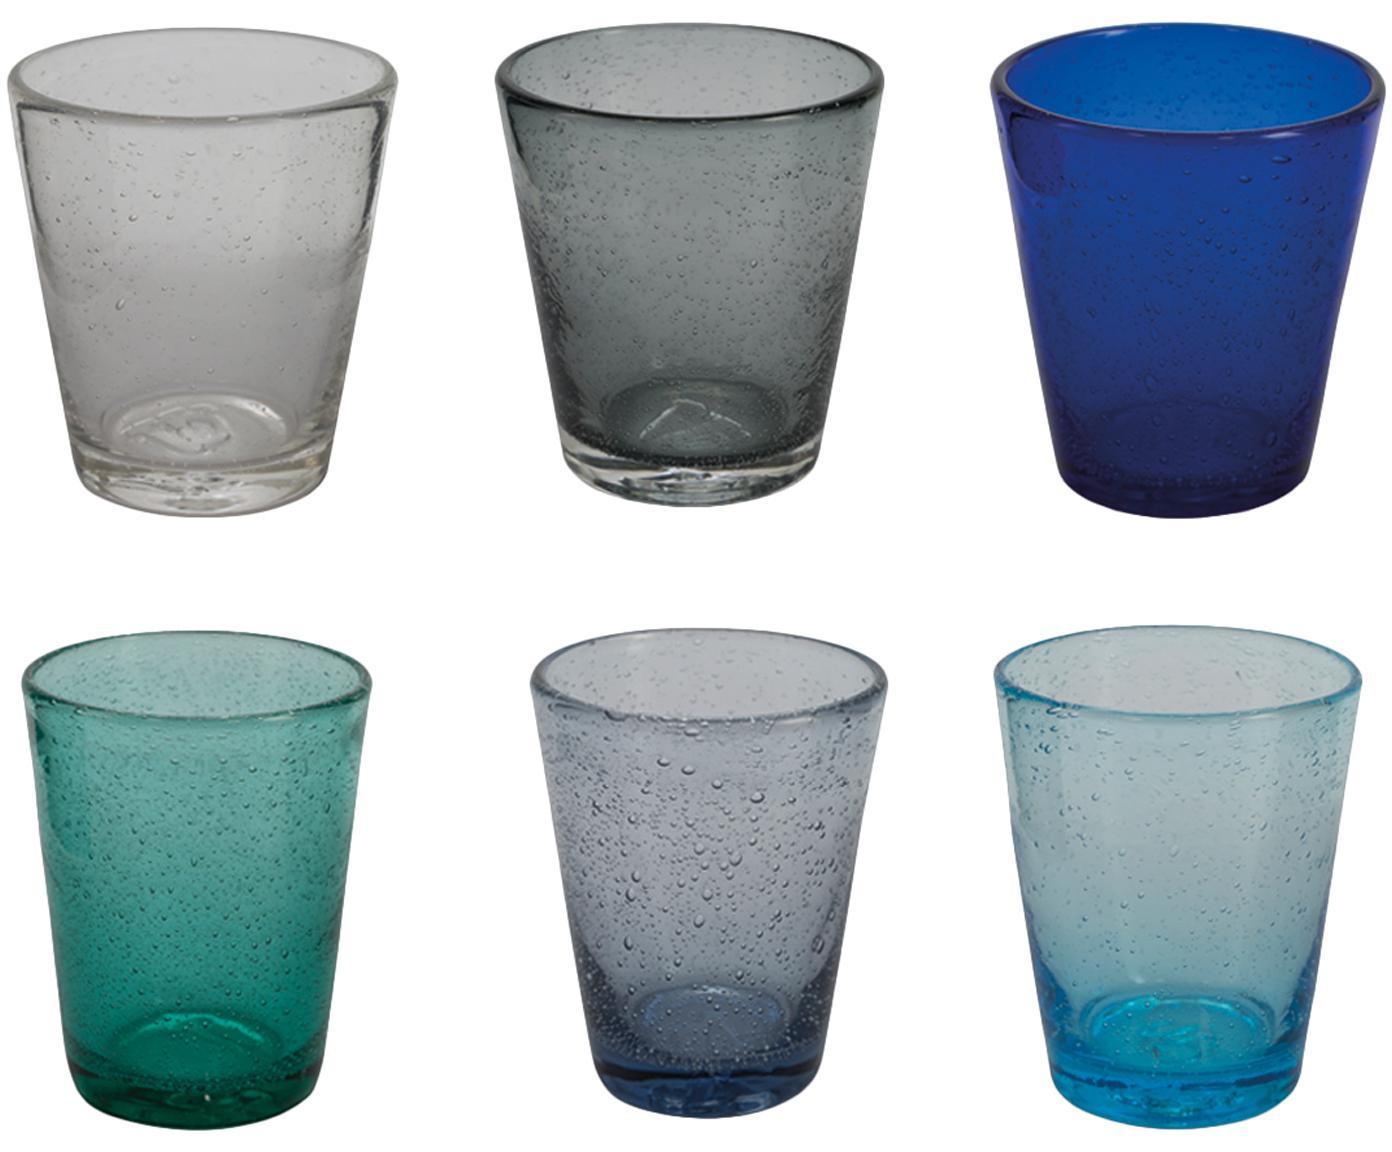 Waterglazen Baita in blauwe tinten en met luchtbellen, 6-delig, Glas, Blauw- en grijstinten, transparent, Ø 9 x H 10 cm